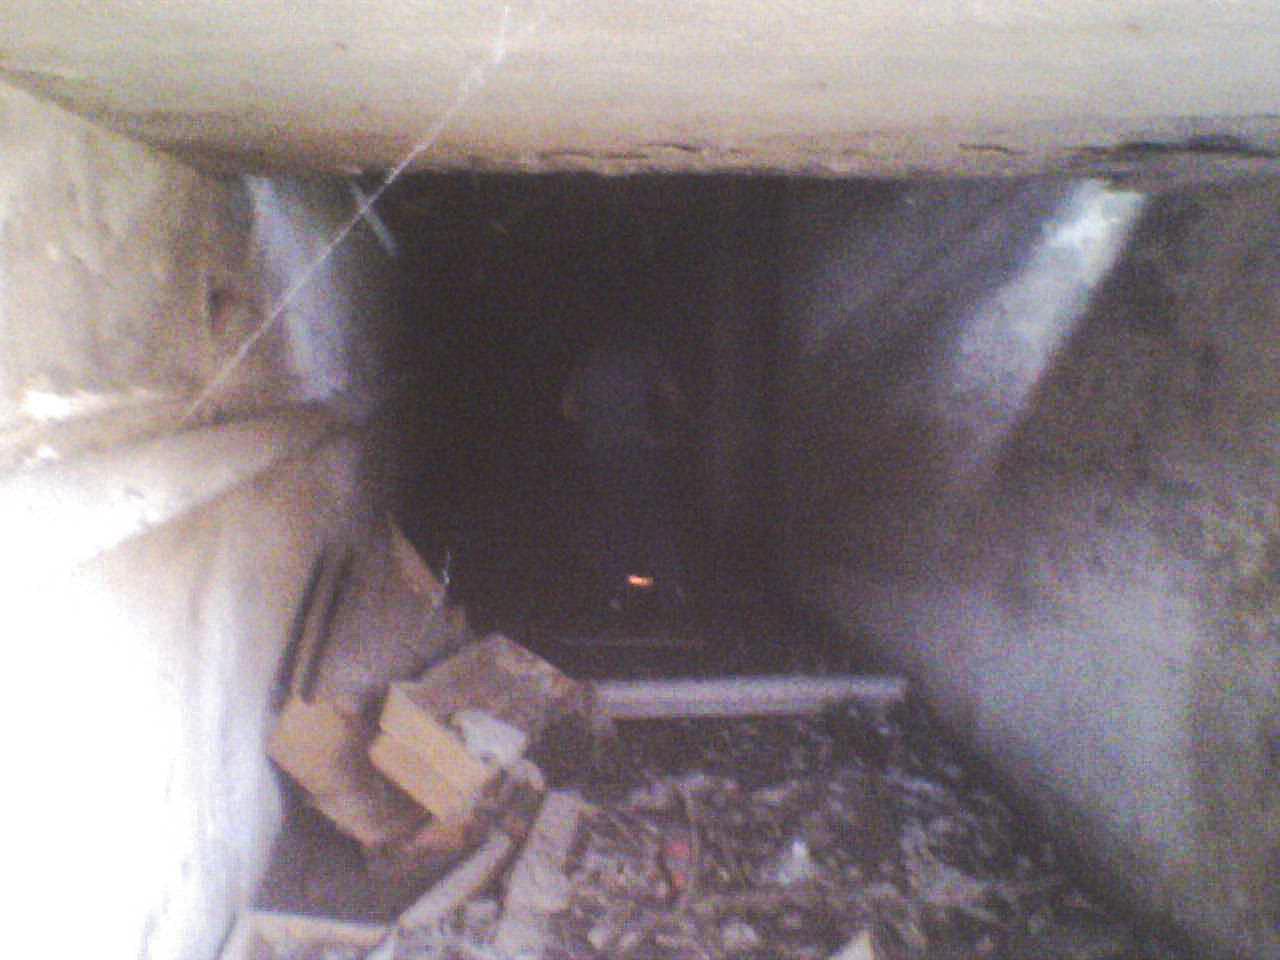 Túneles ocultos en la Facultad de Filosofía y Letras